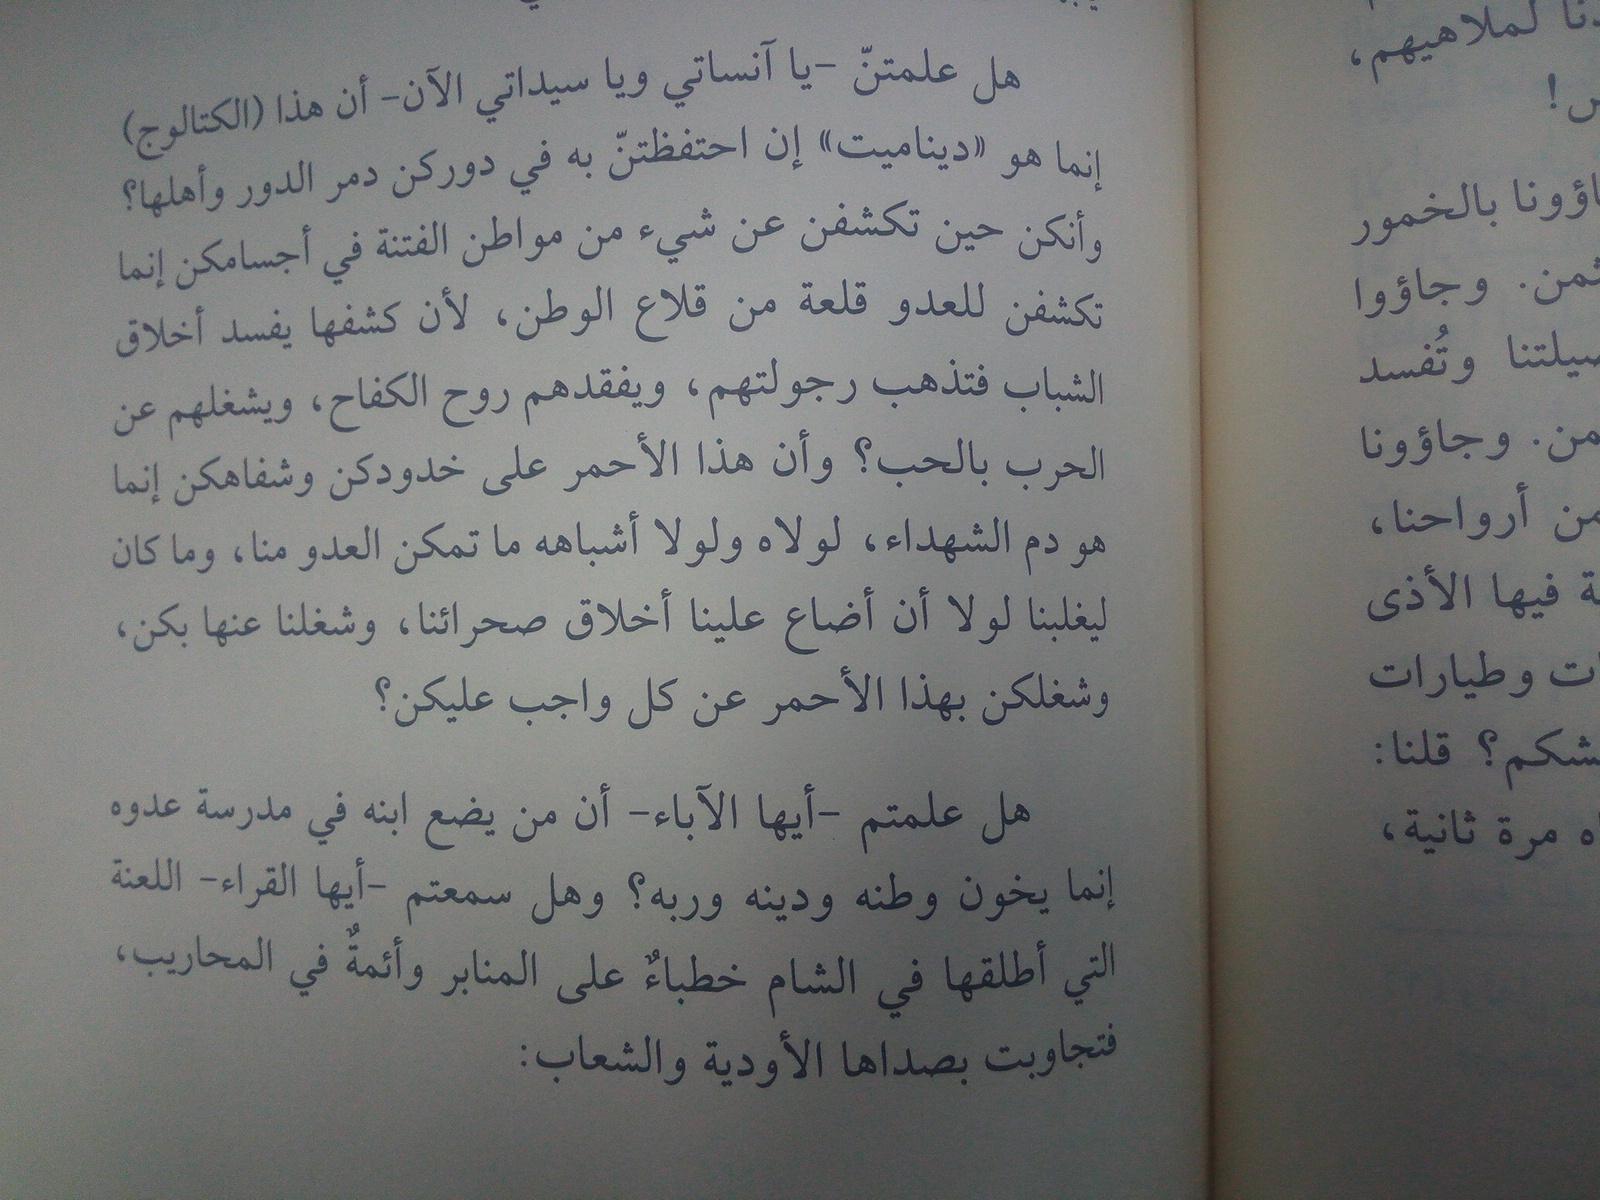 مقتطفات من كتاب مع الناس- عن العفة